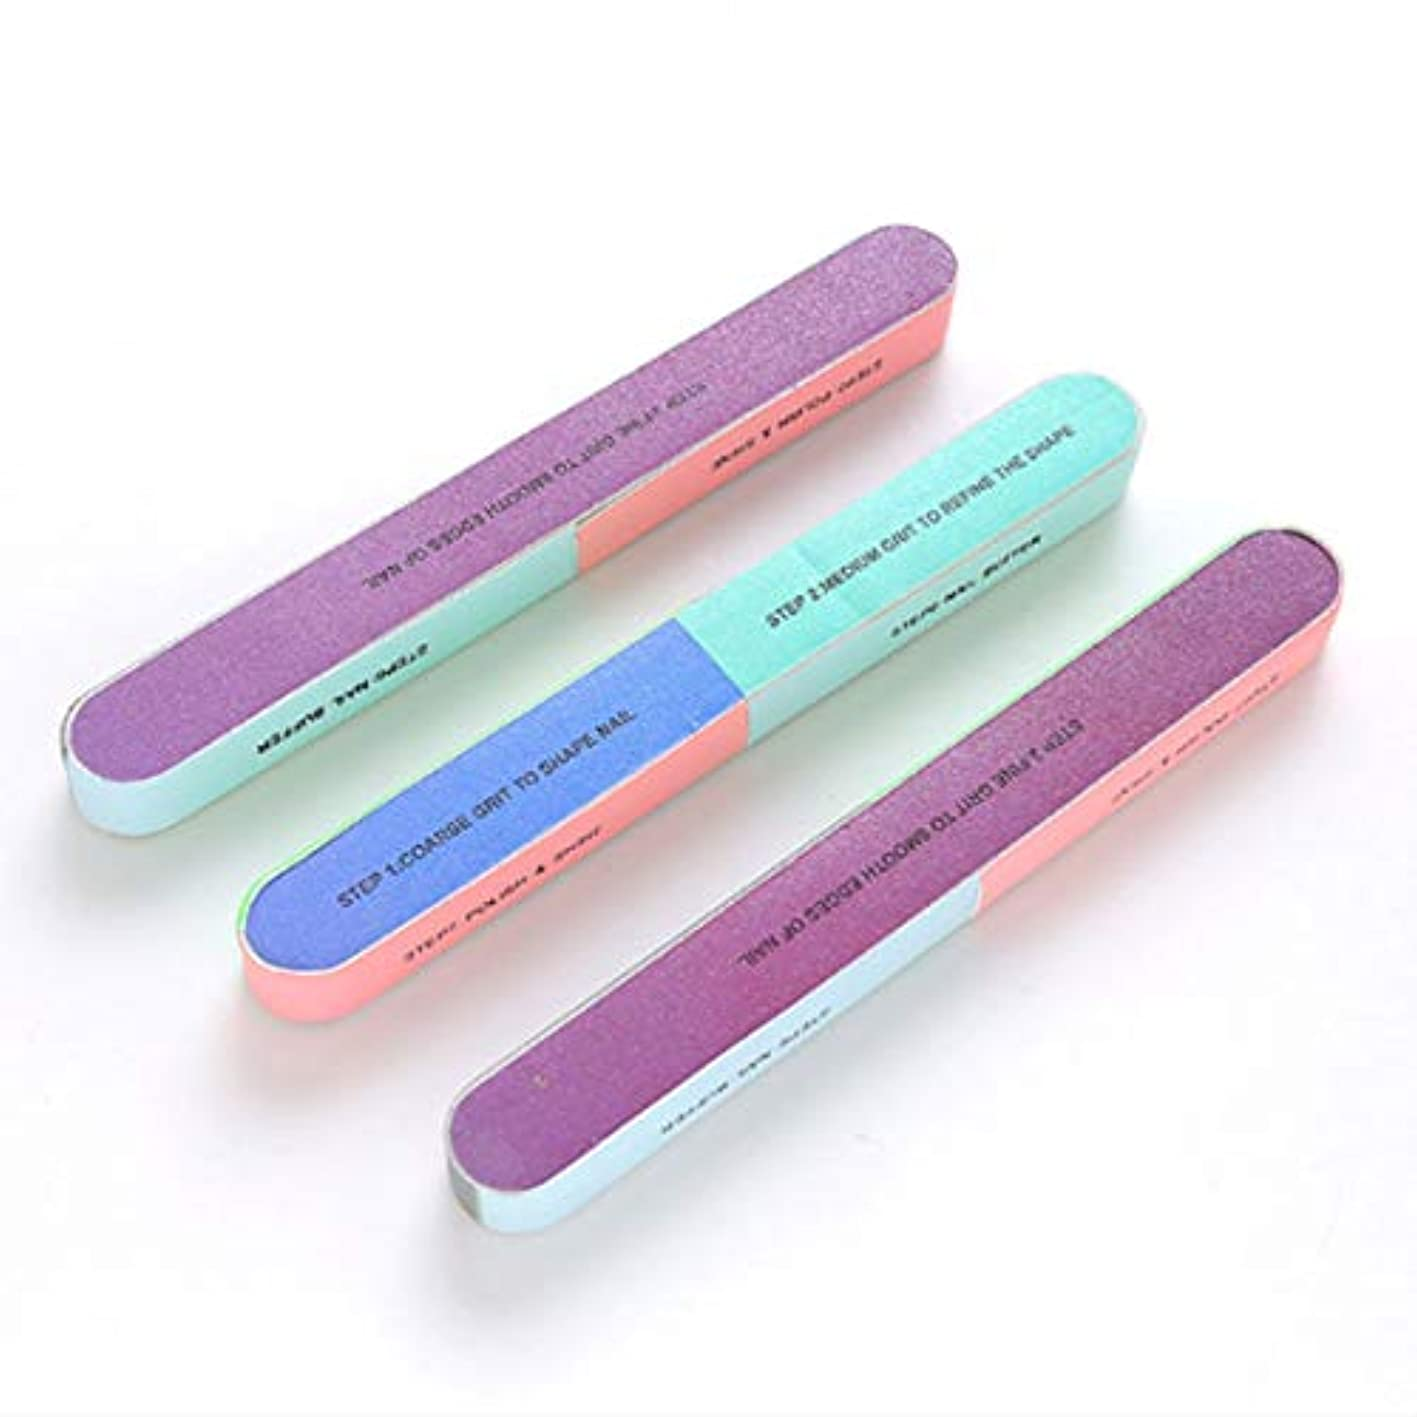 ピービッシュ指標偶然BATEIN ネイルシャイナー ヌードネイル 爪磨き 爪やすり ピカピカ やすり つめみがき ネイルケア